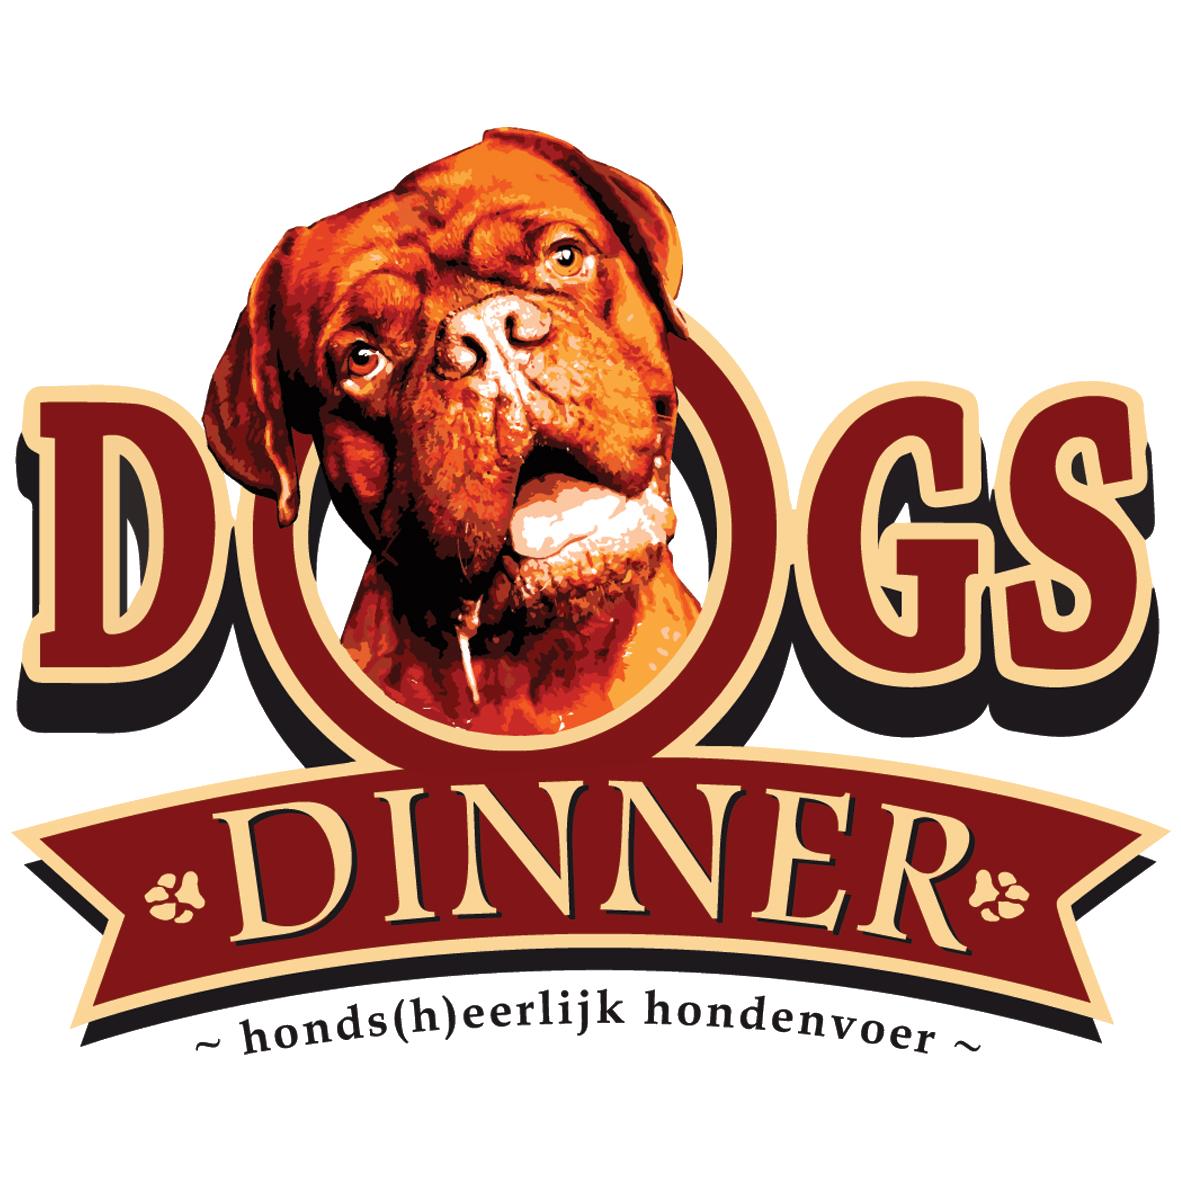 Dogsdinner vers vlees kvv thuisbezorgd